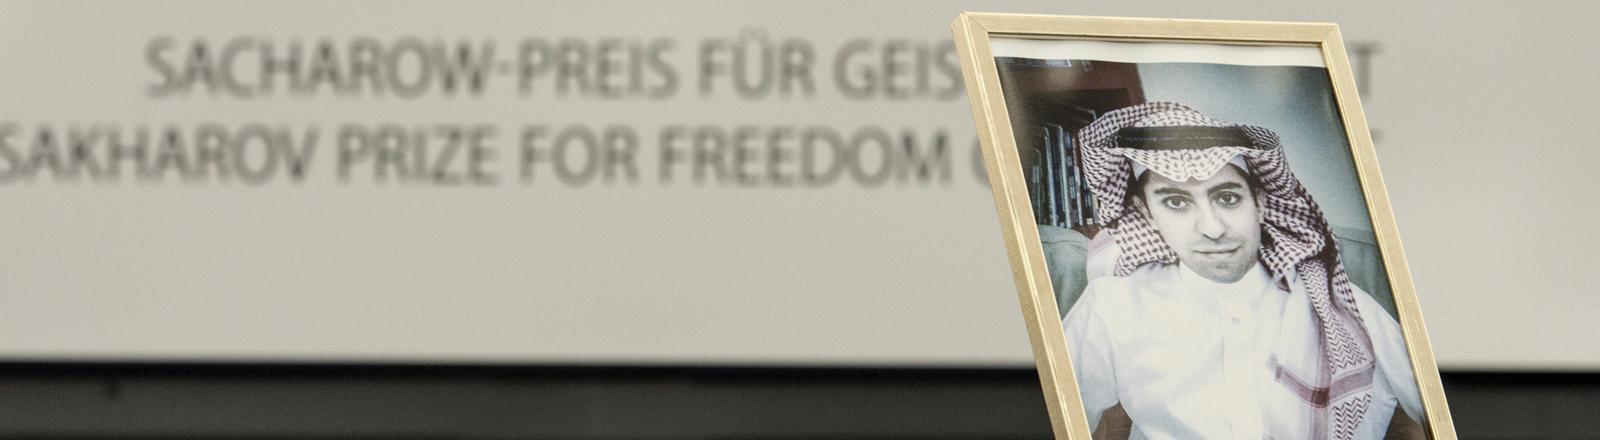 Ein Bild des in Saudi-Arabien inhaftierten Bloggers und Sacharow-Preisträgers Raif Badawi im Straßburger EU-Parlament.